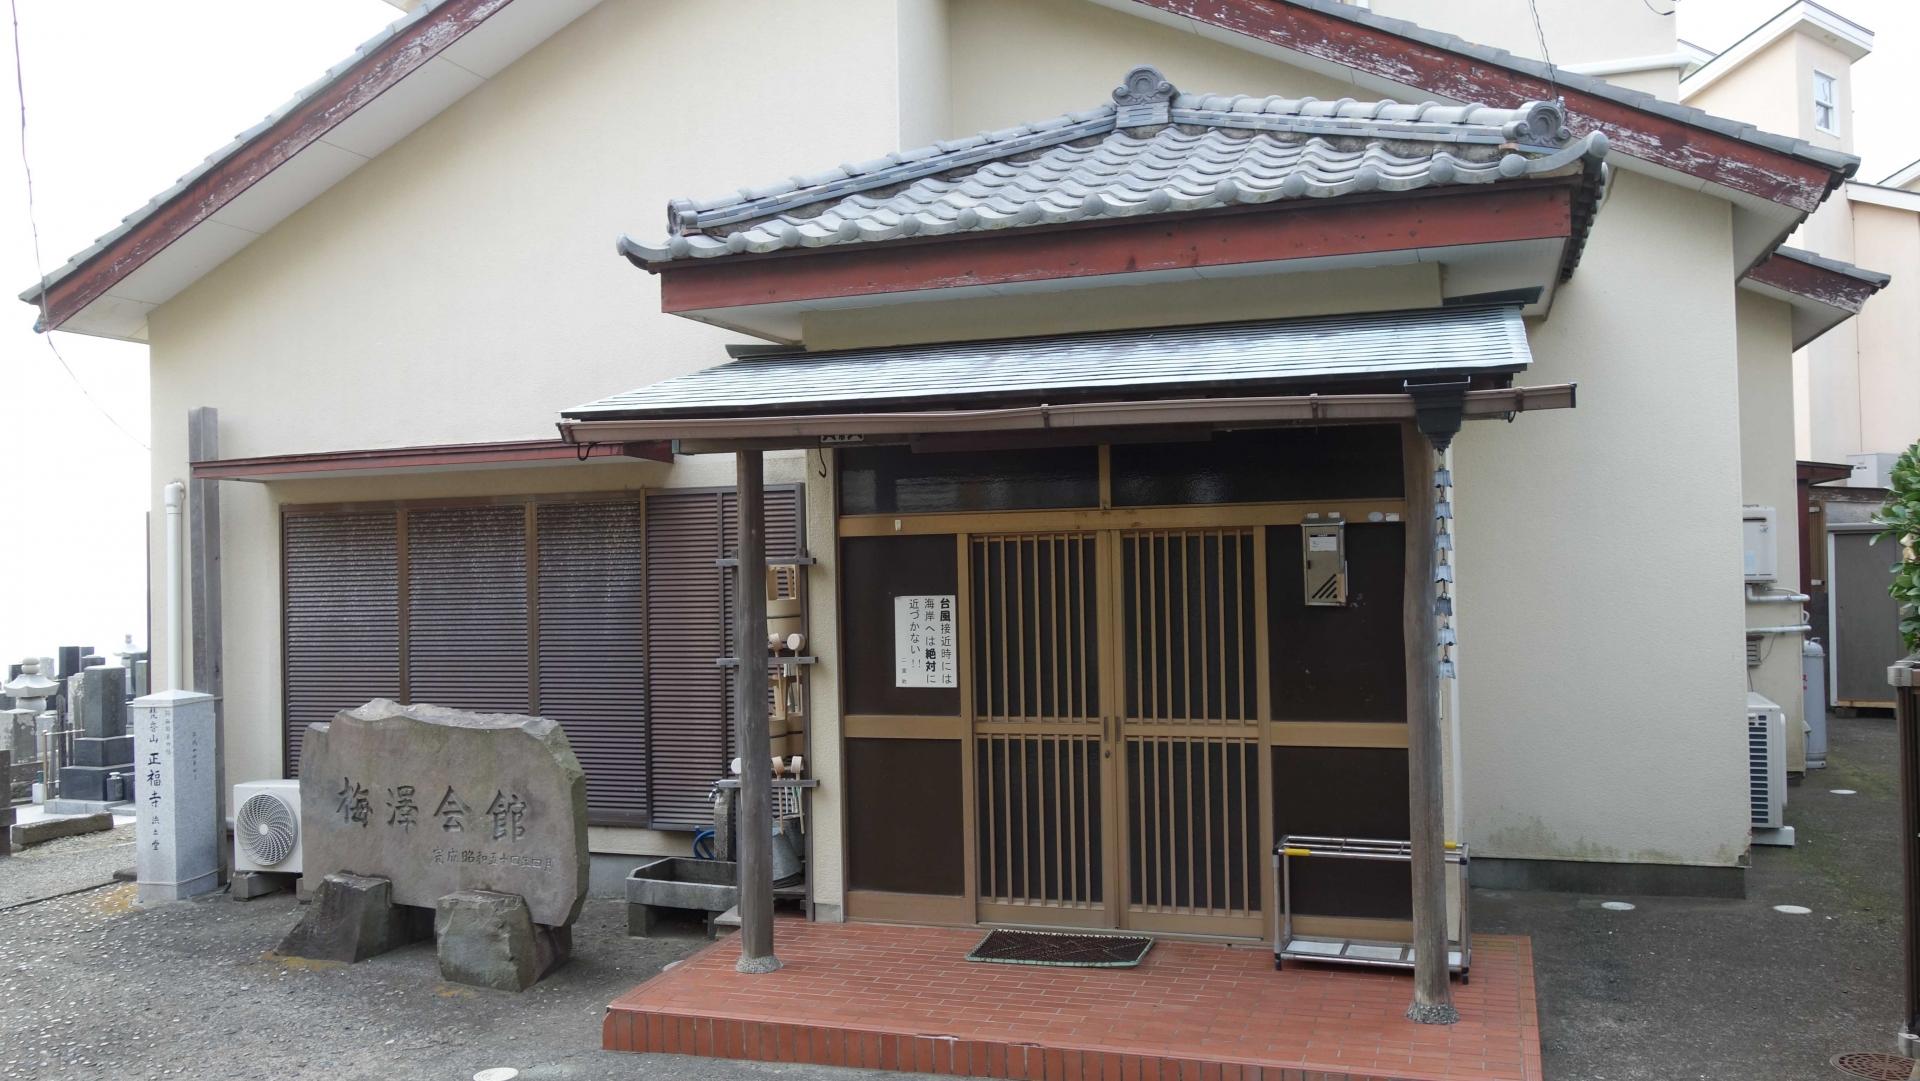 第4番 梵音山 正福寺(浜の堂)